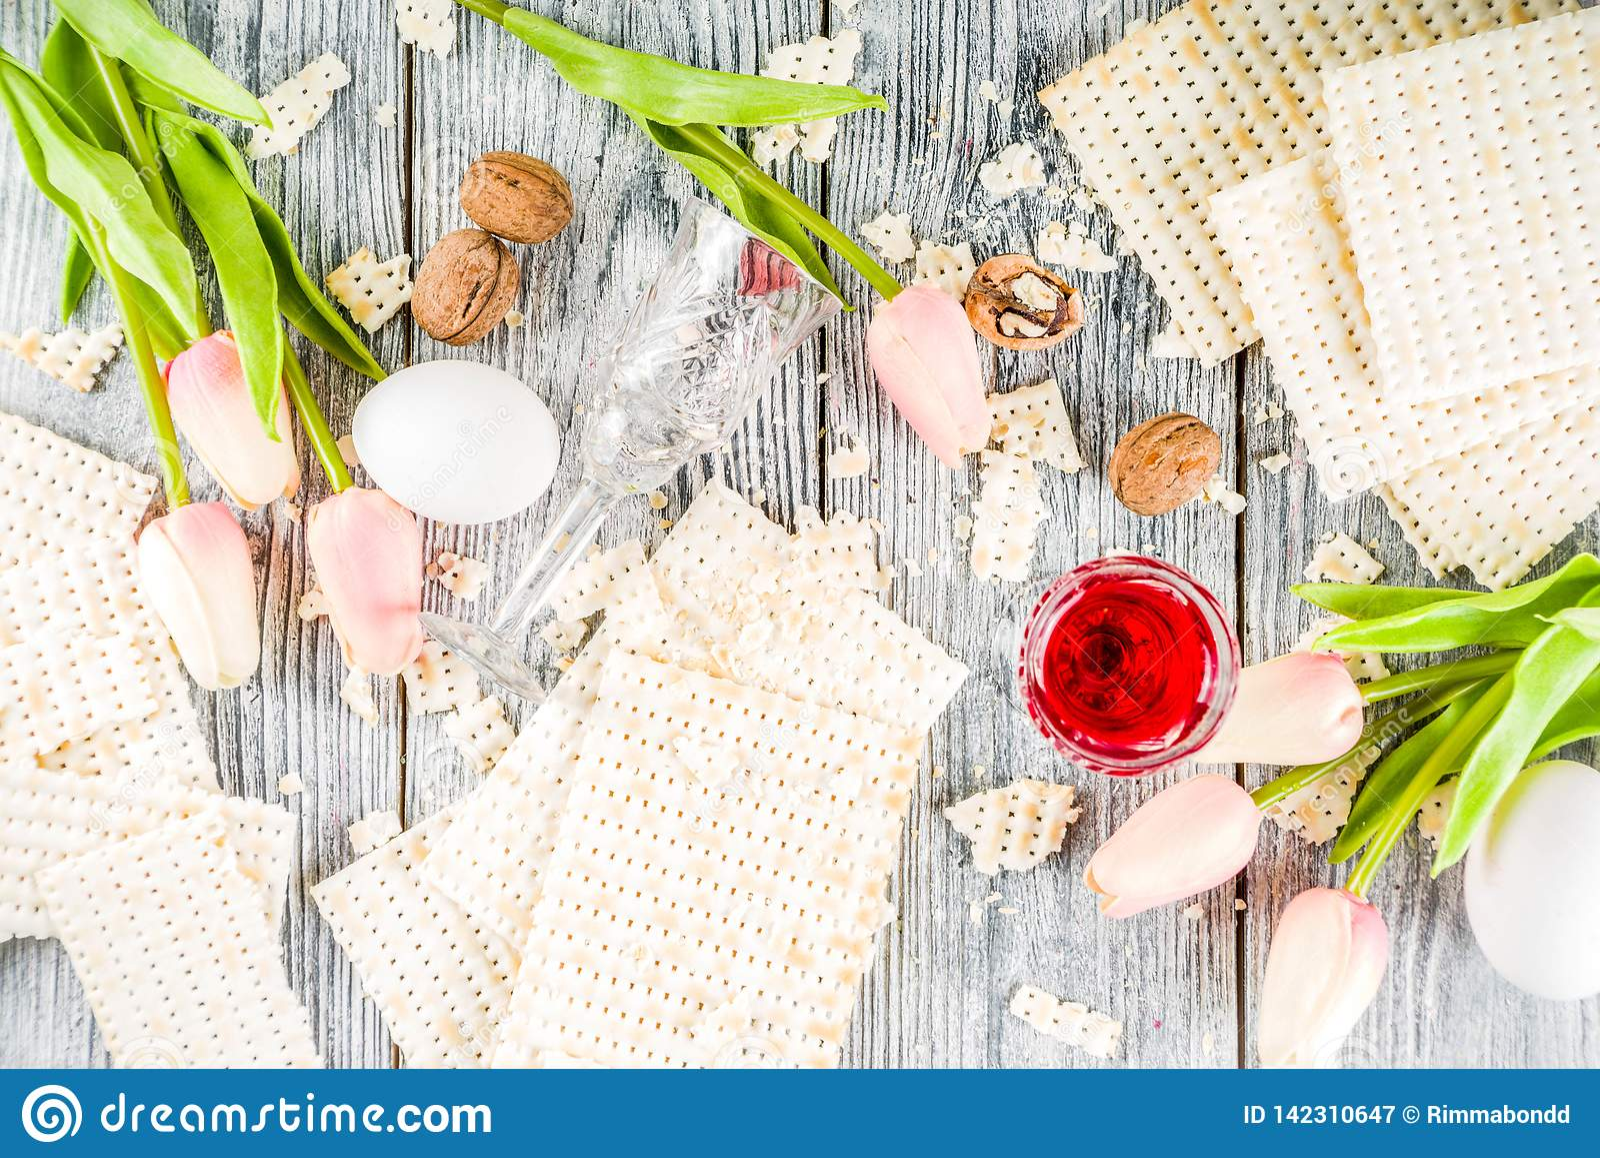 Pesah, fondo judío del día de fiesta de la pascua judía